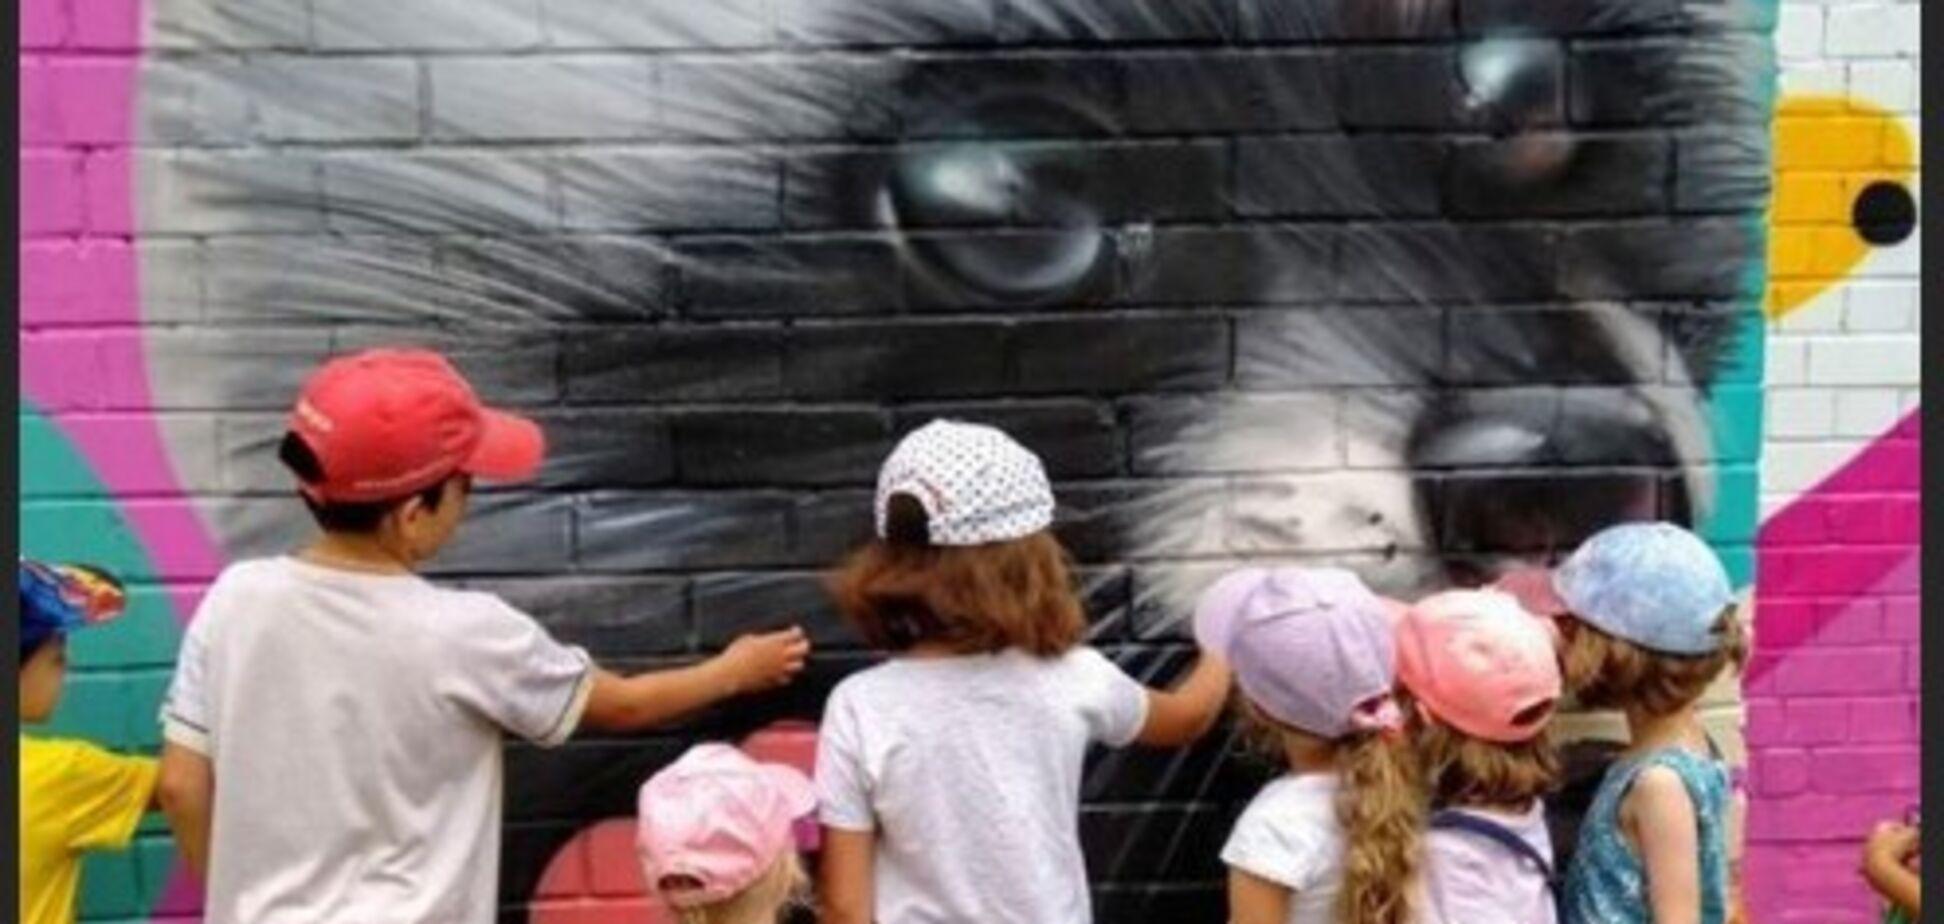 У Києві яскравий мурал порадував жителів: фотофакт